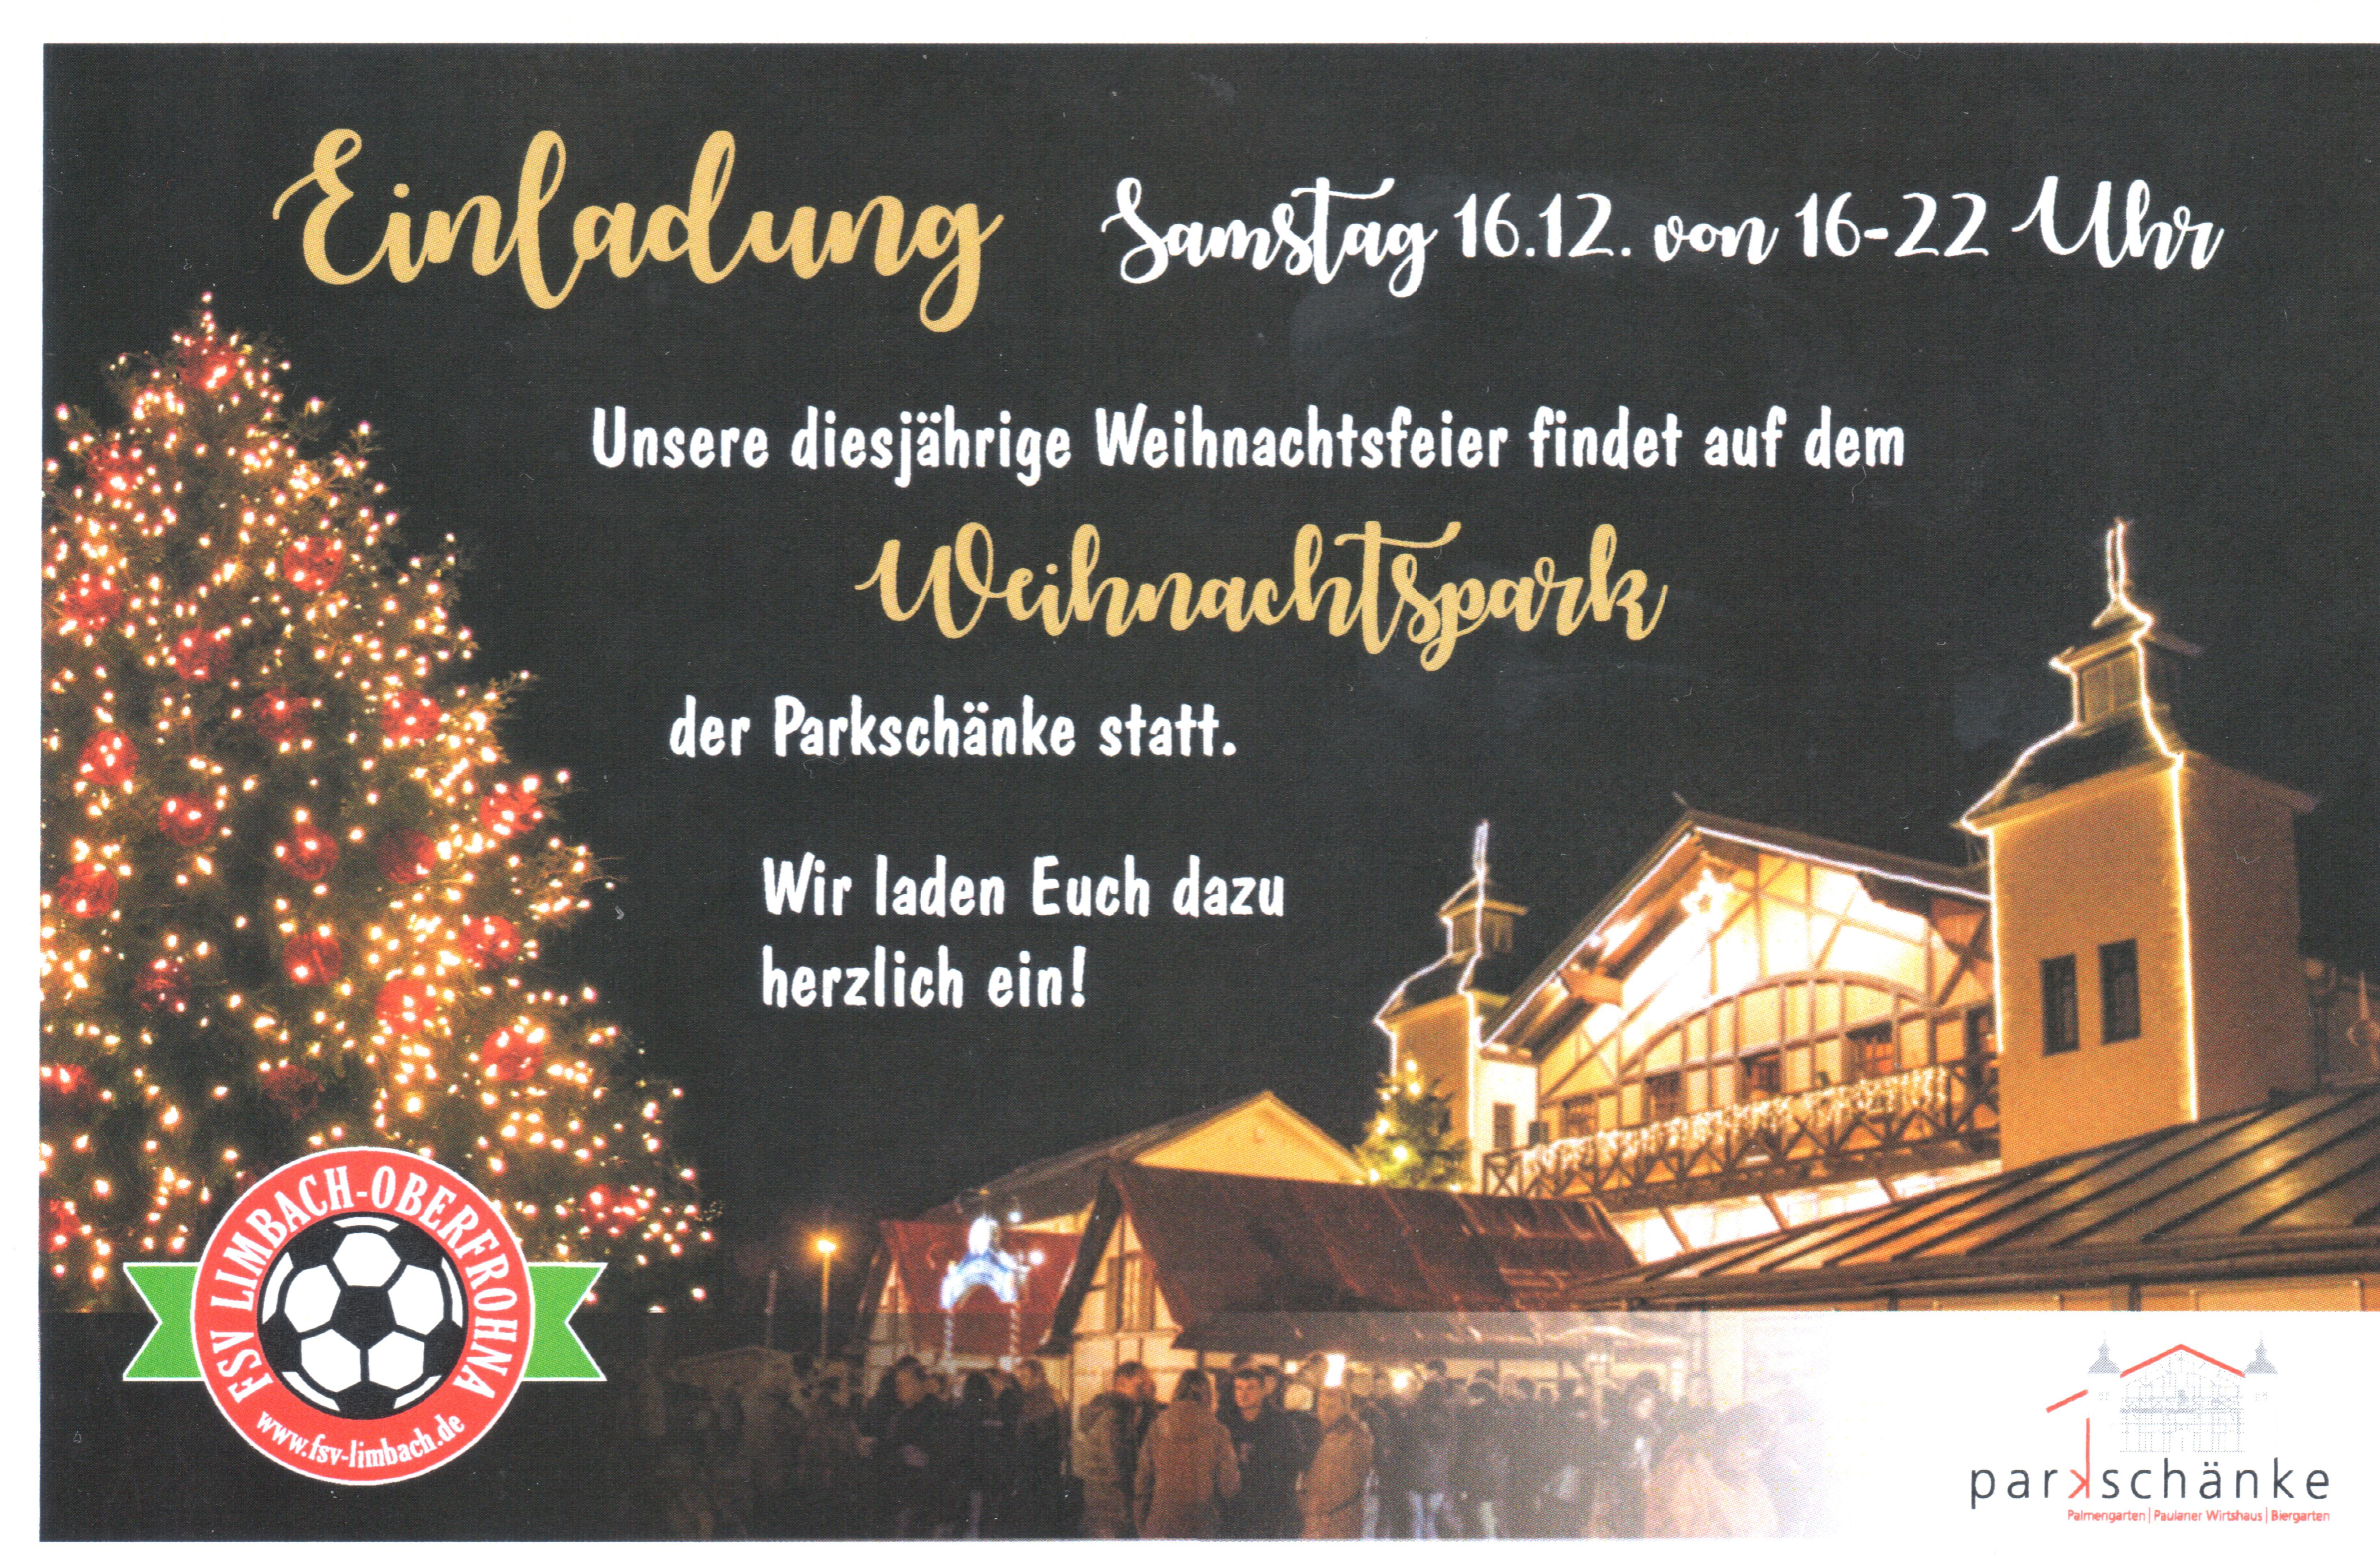 Einladung Zur Weihnachtsfeier.Einladung Zur Weihnachtsfeier